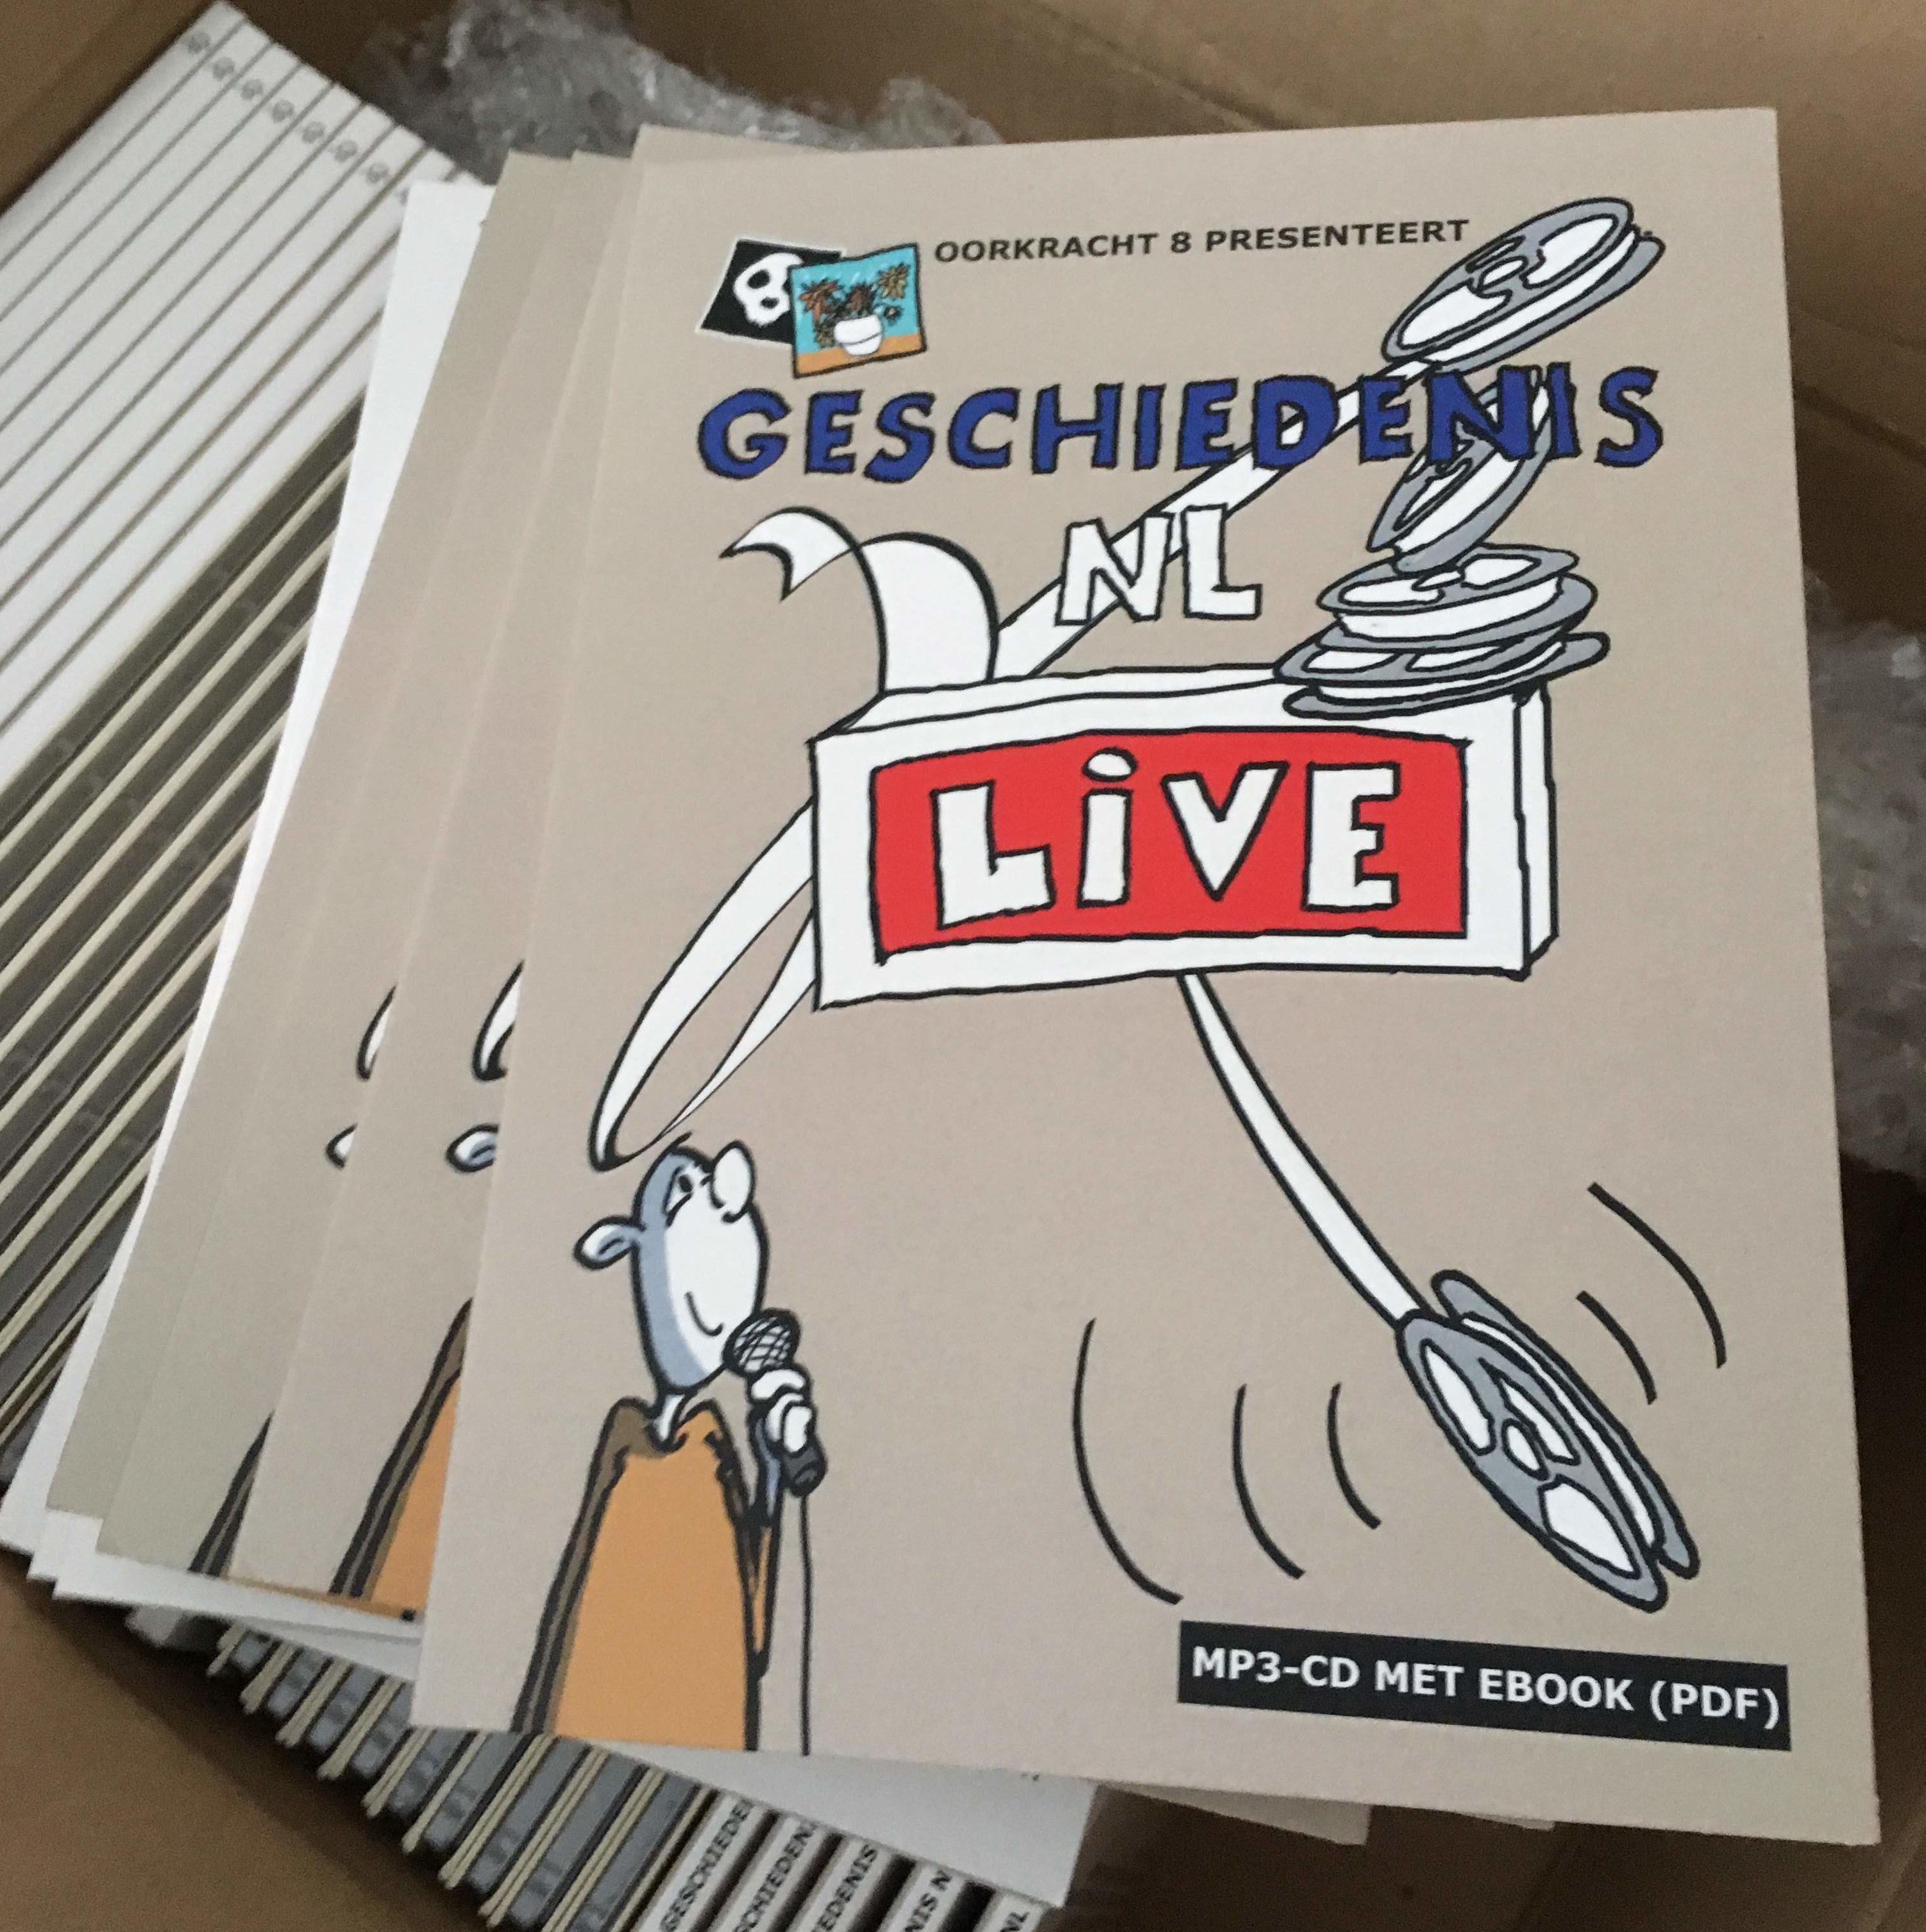 Geschiedenis NL Live - MP3-CD met ebook